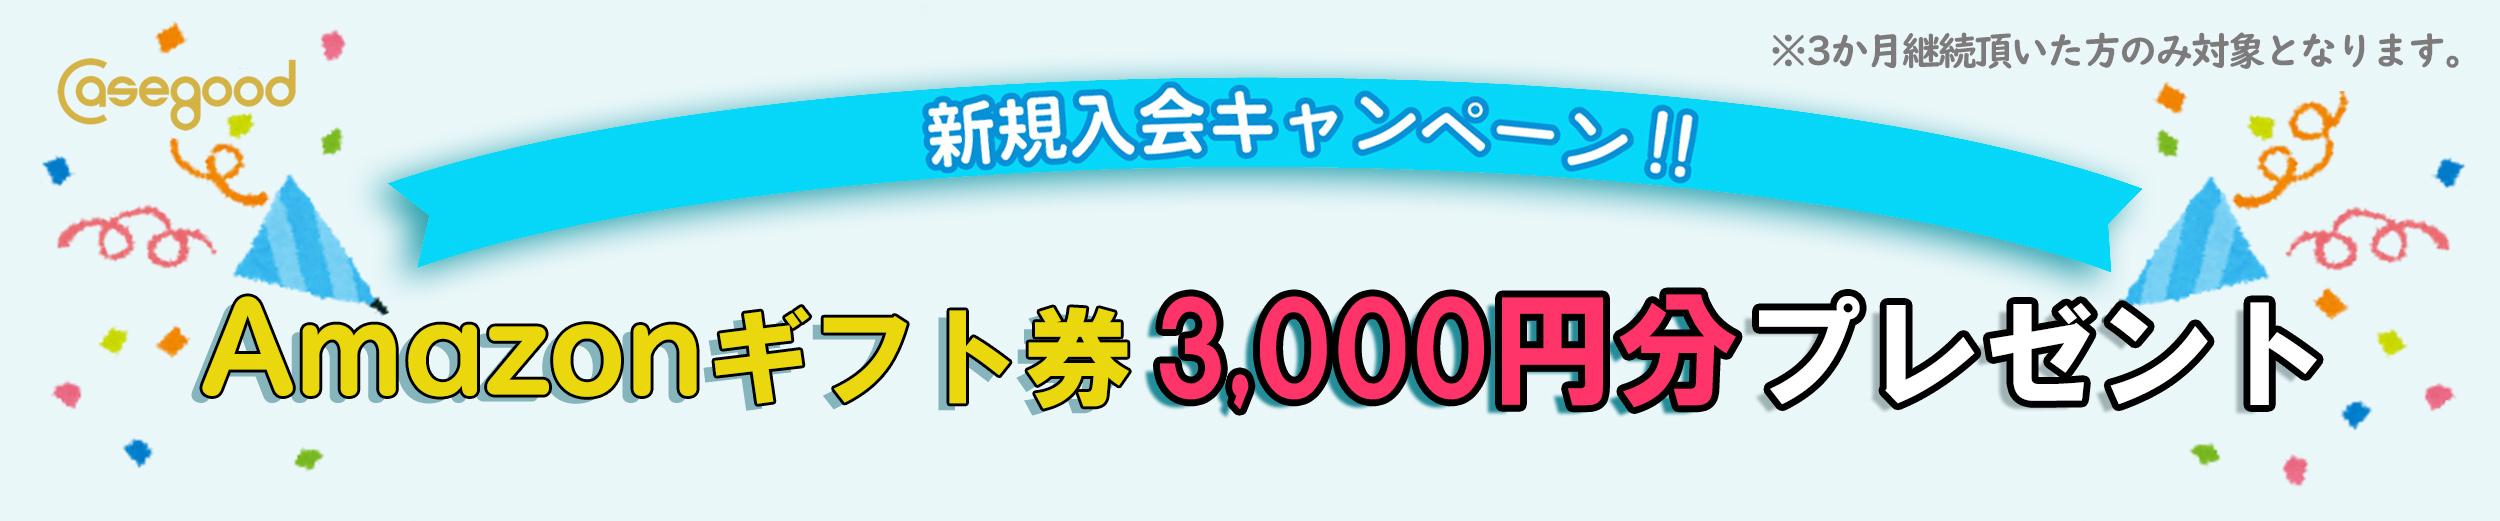 リニューアルオープン記念!新規入会キャンペーン。Amazonギフト3000円プレゼント!